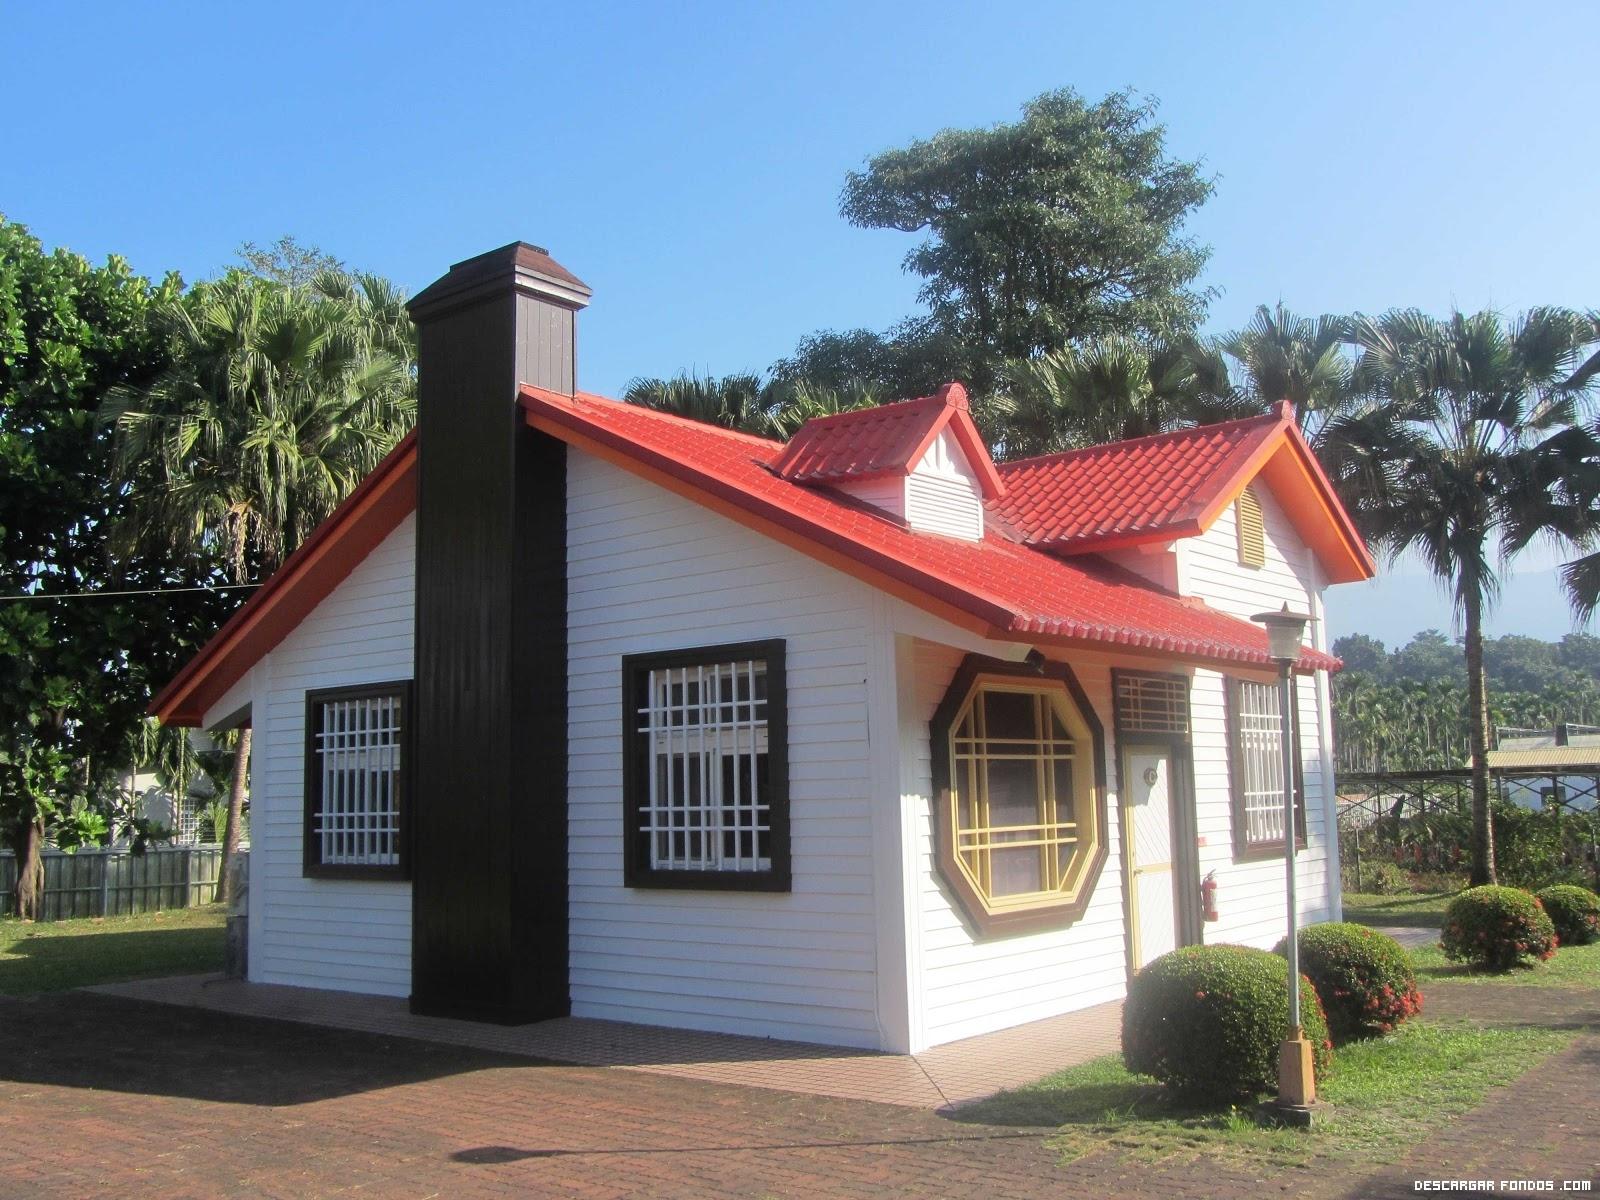 Una linda casita con techo rojo for Formas de techos para casas